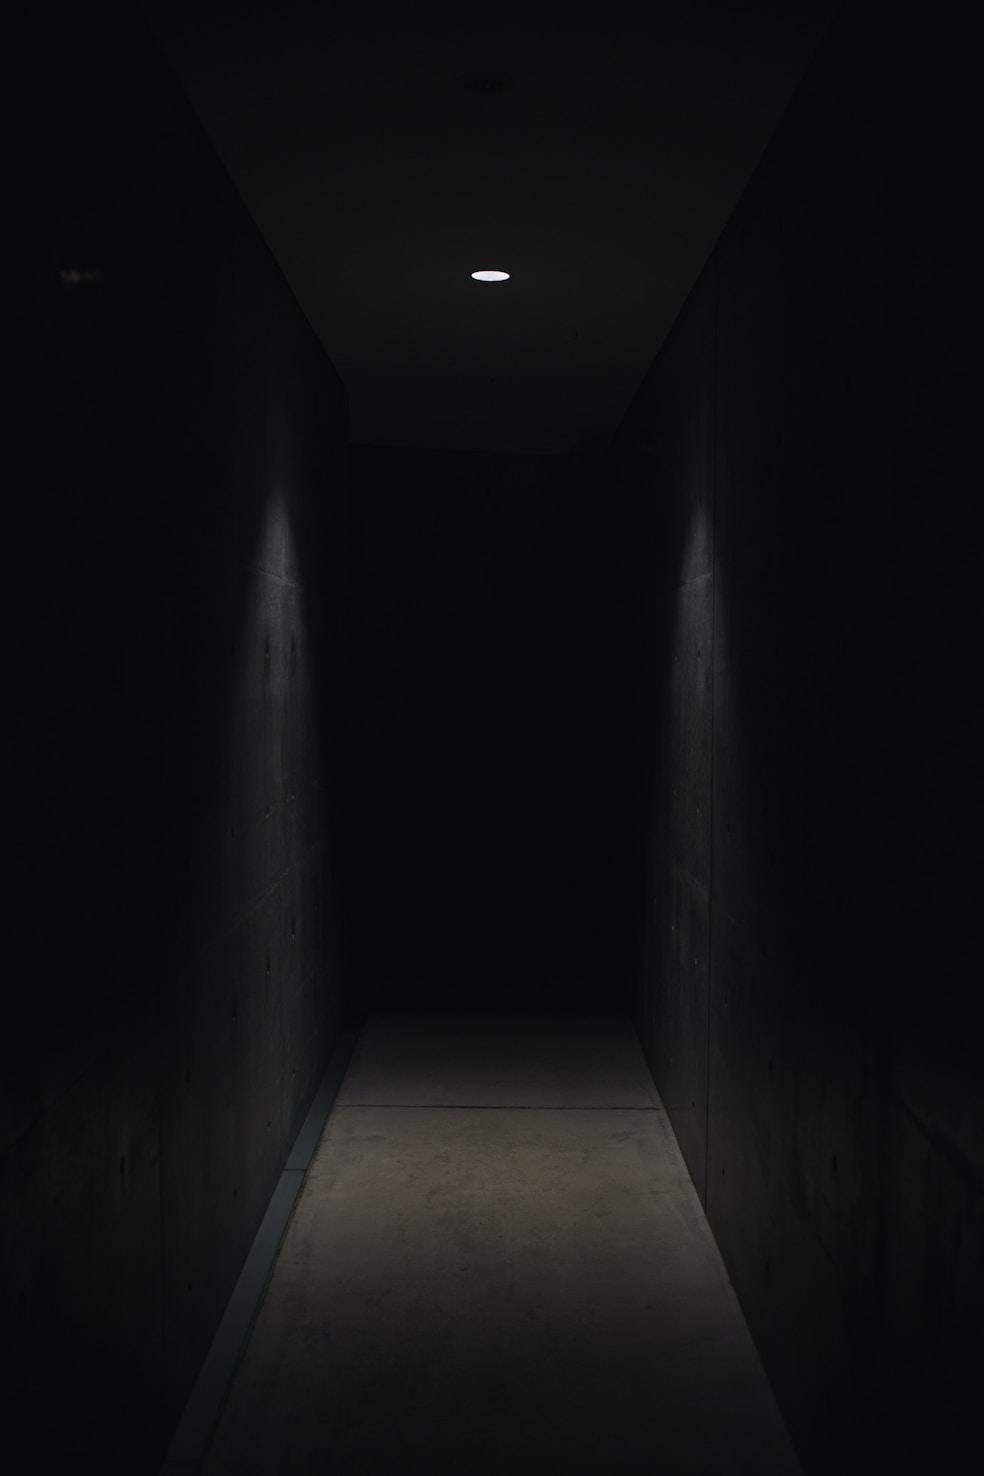 dark matter lit with small light fixture